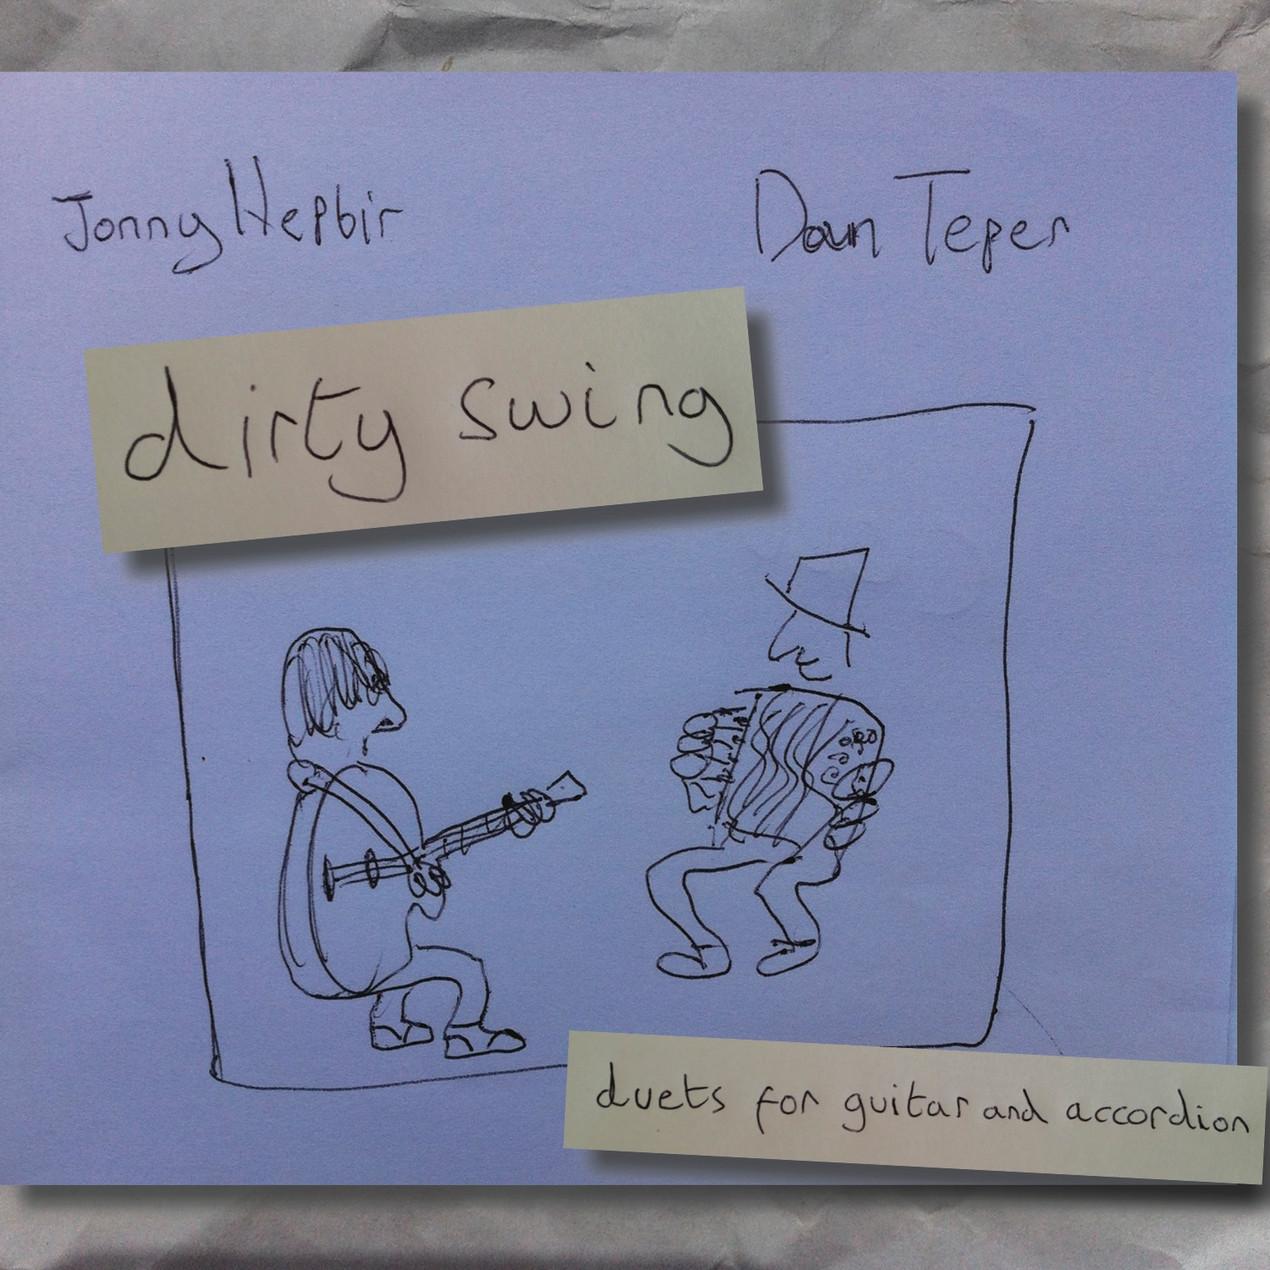 Jonny Hepbir & Dan Teper 'Dirty Swing'